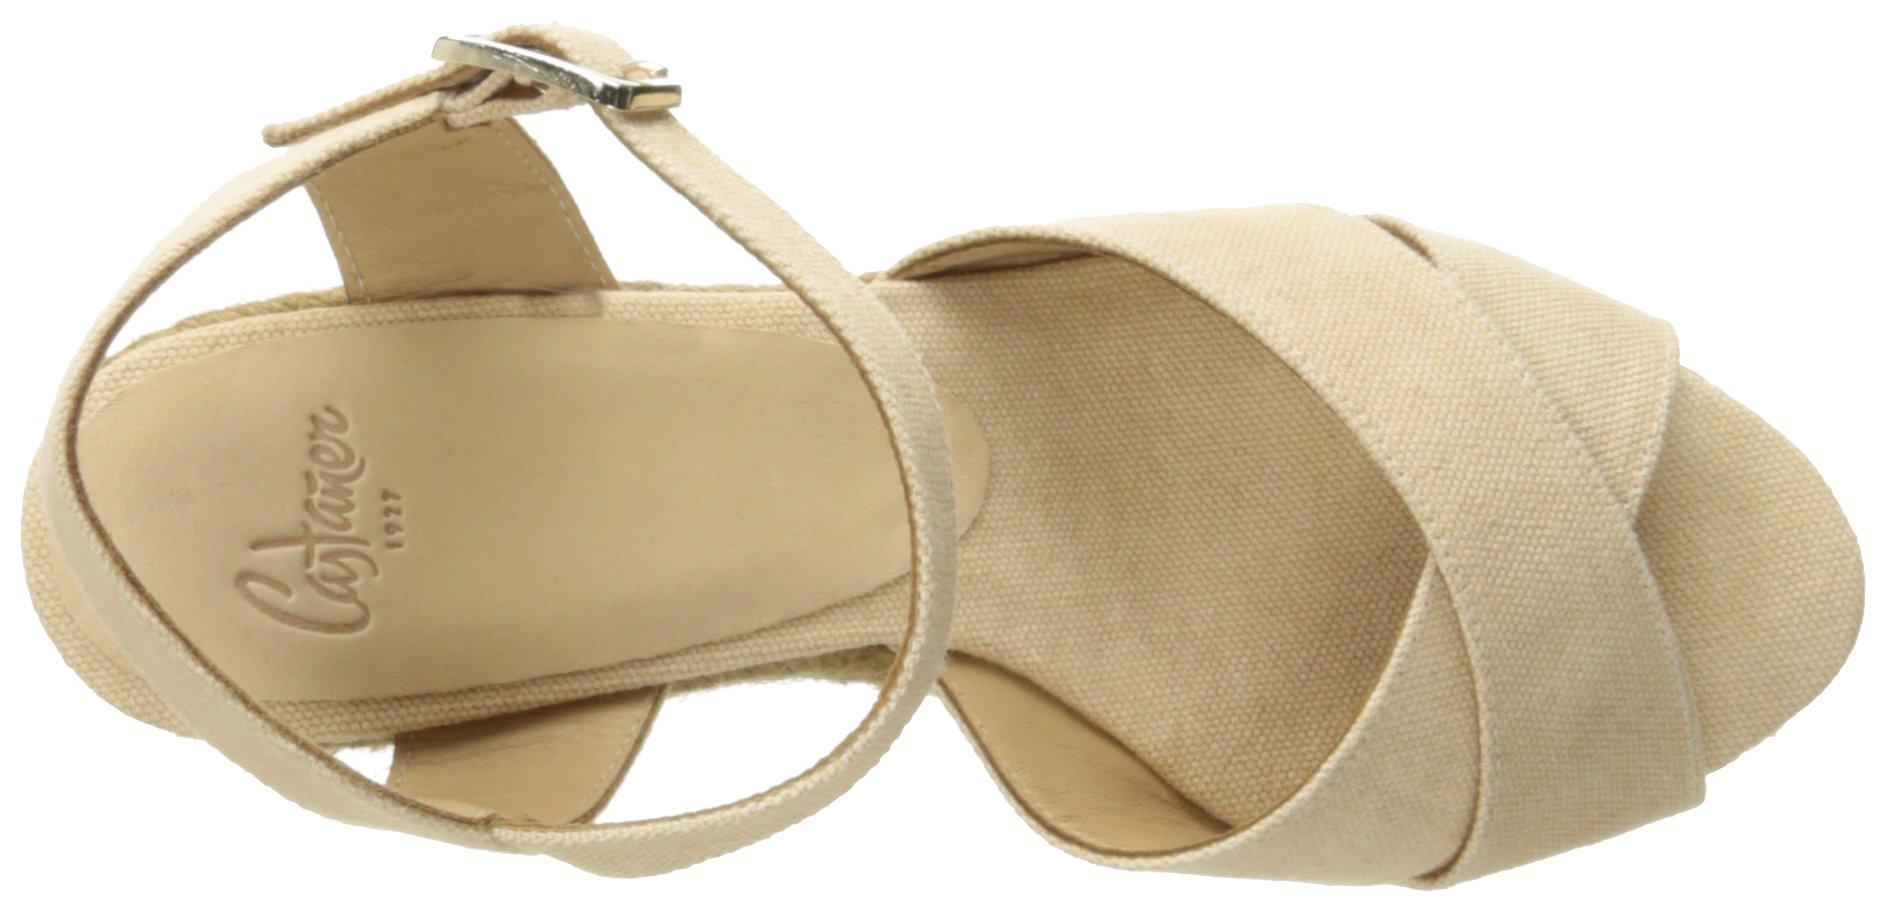 Castaner Women's Blaudell Platform Sandal, Nude (Beige), 37 EU/6.5 N US by Castaner (Image #8)